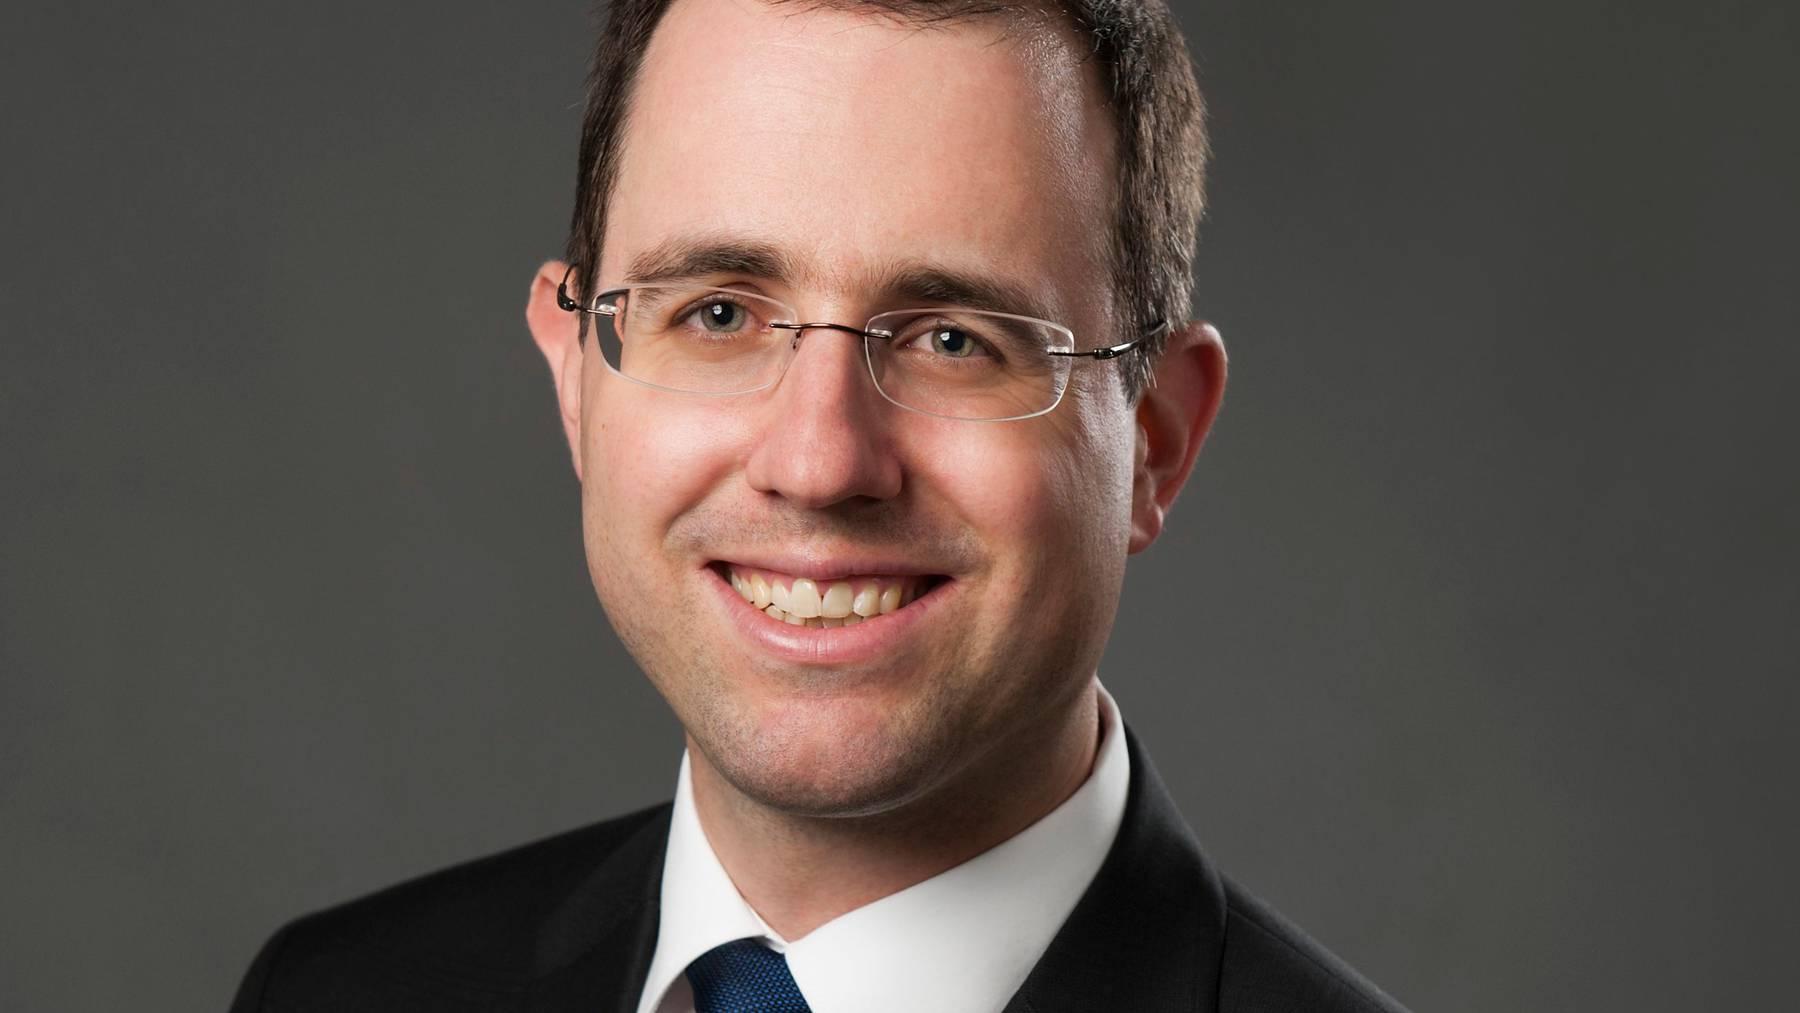 Martin Steiger ist Anwalt für Recht im digitalen Raum.